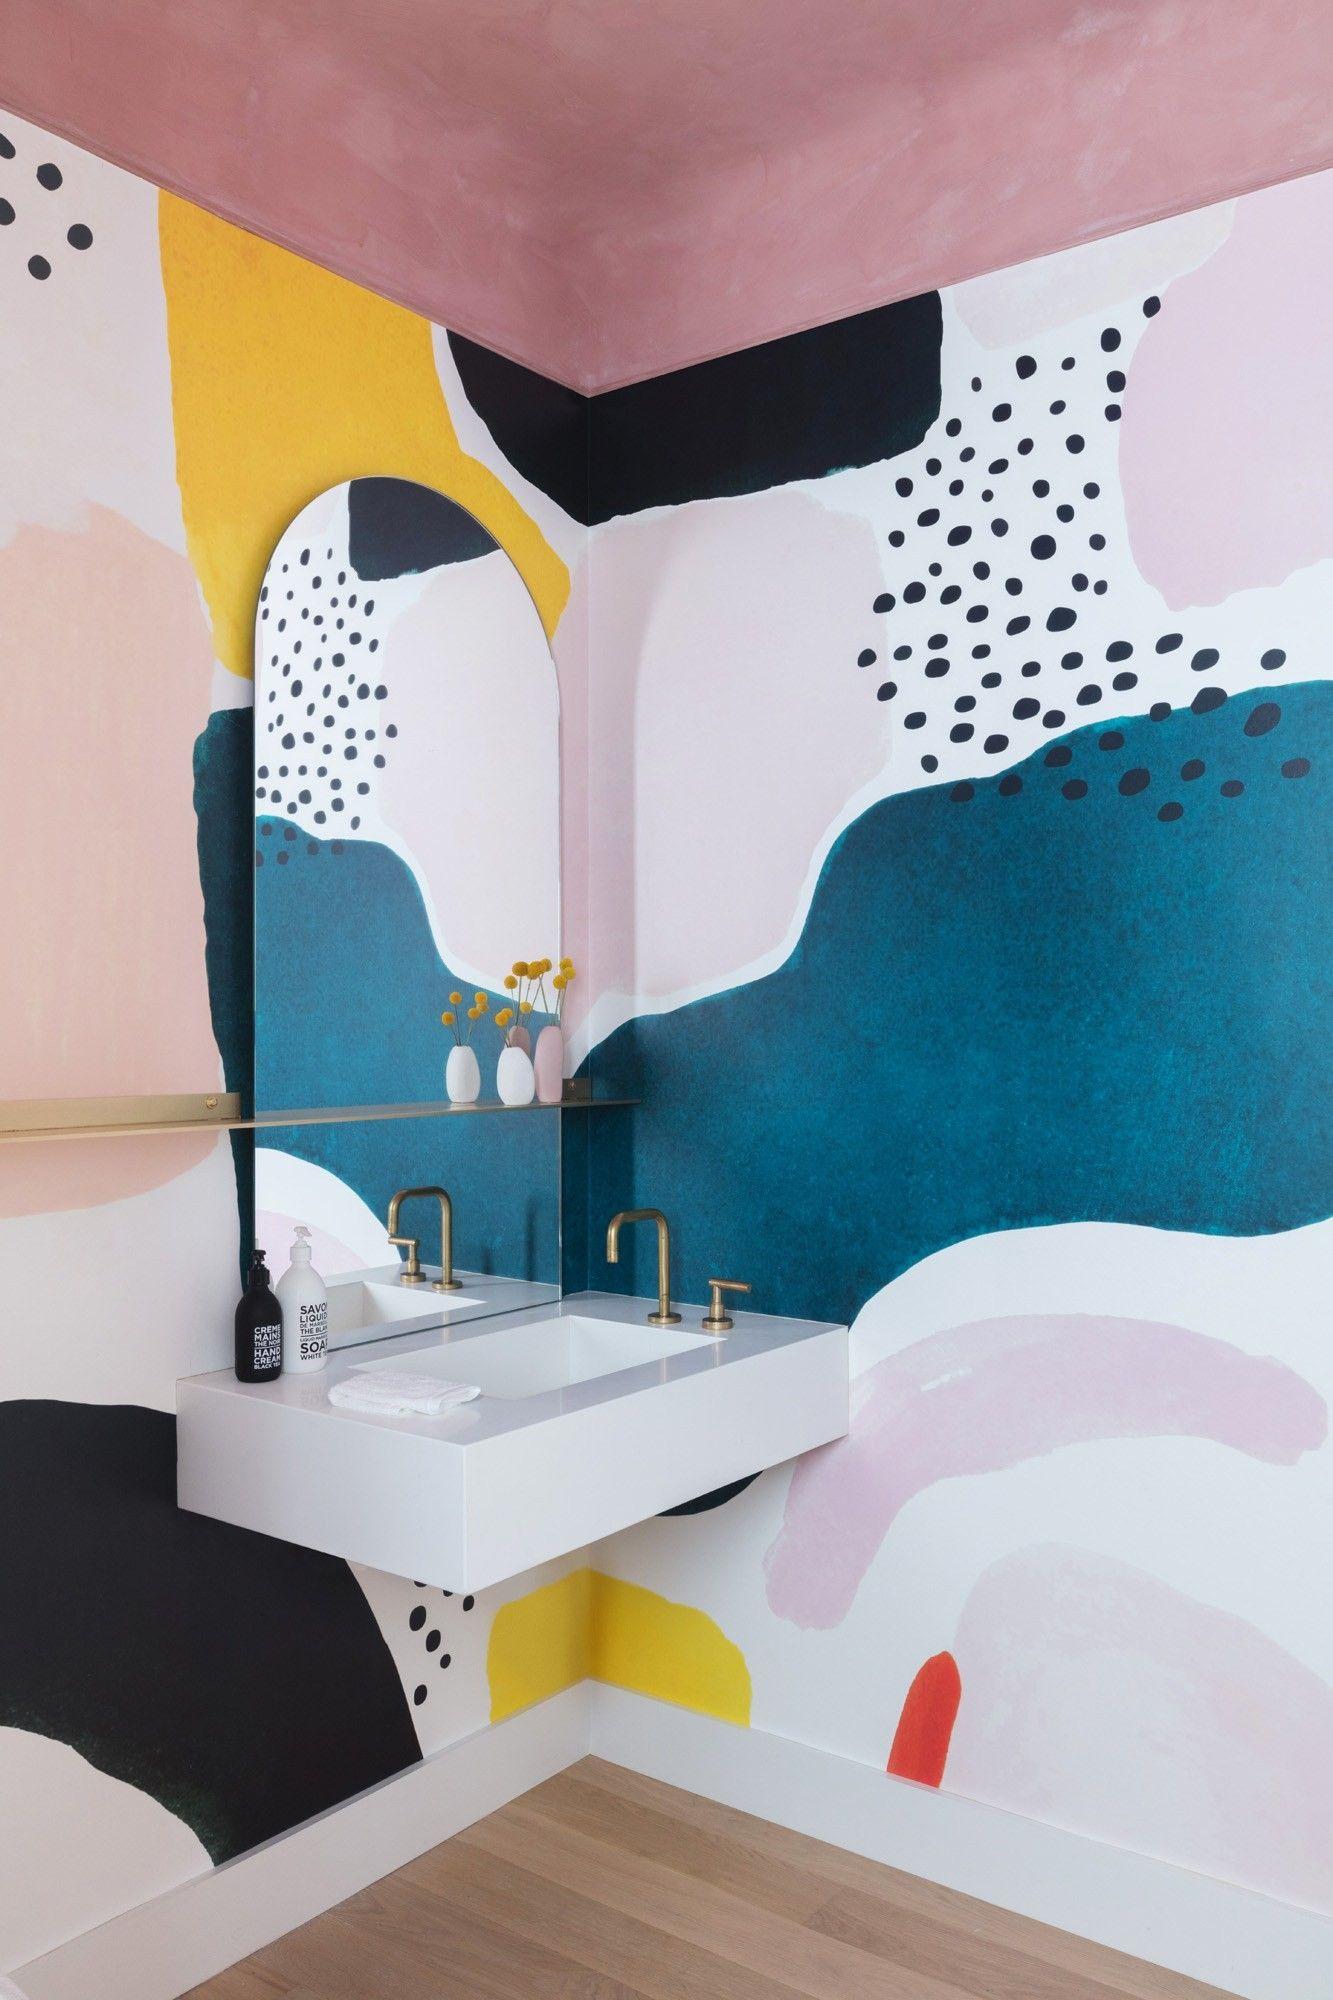 Décor do dia: lavabo colorido com pintura feita à